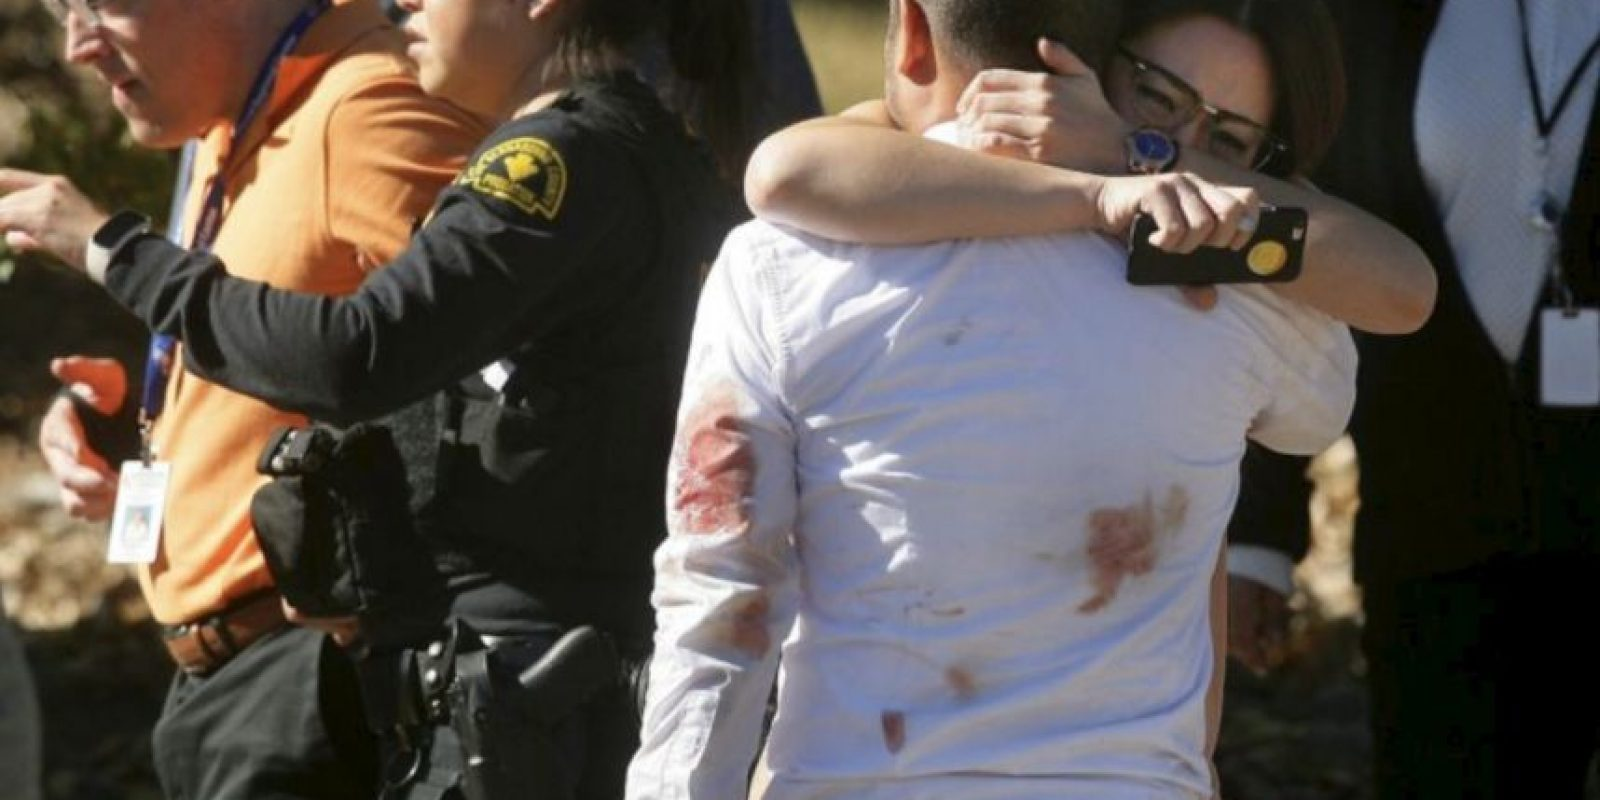 17 de septiembre- Un hombre mató a toda su familia y se suicidó en Platte, Dakota del Sur. El número de muertos ascendió a seis personas. Foto:AFP